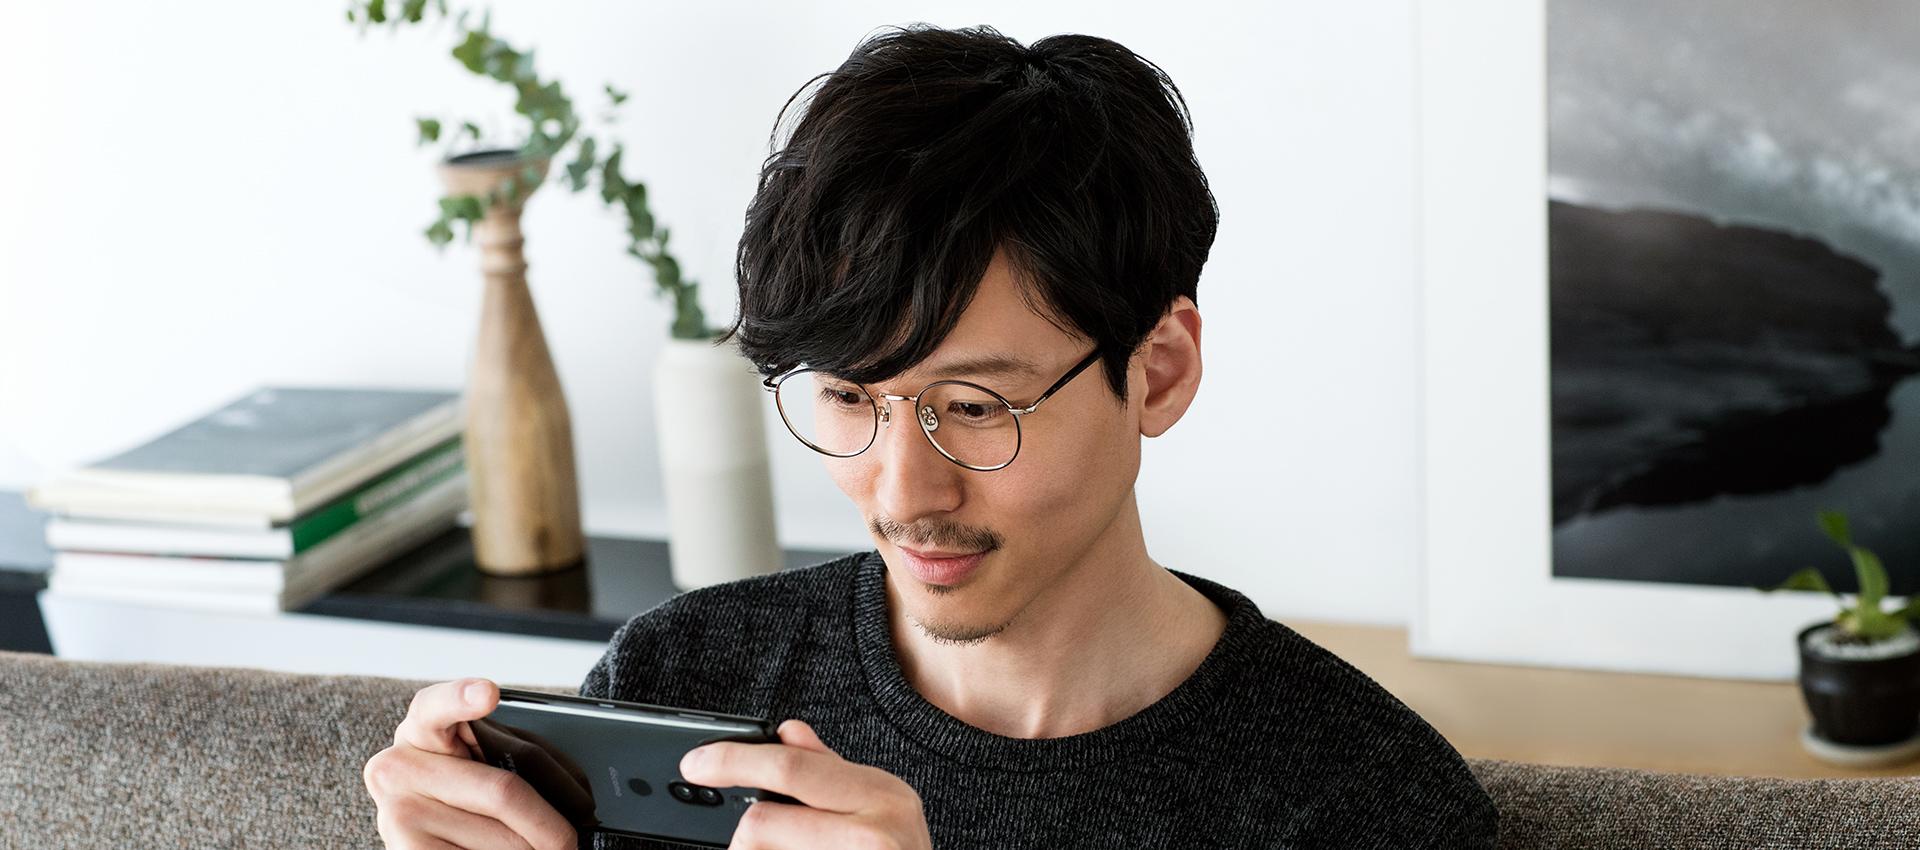 Xperia XZ2 Premiumを横画面で見る男性